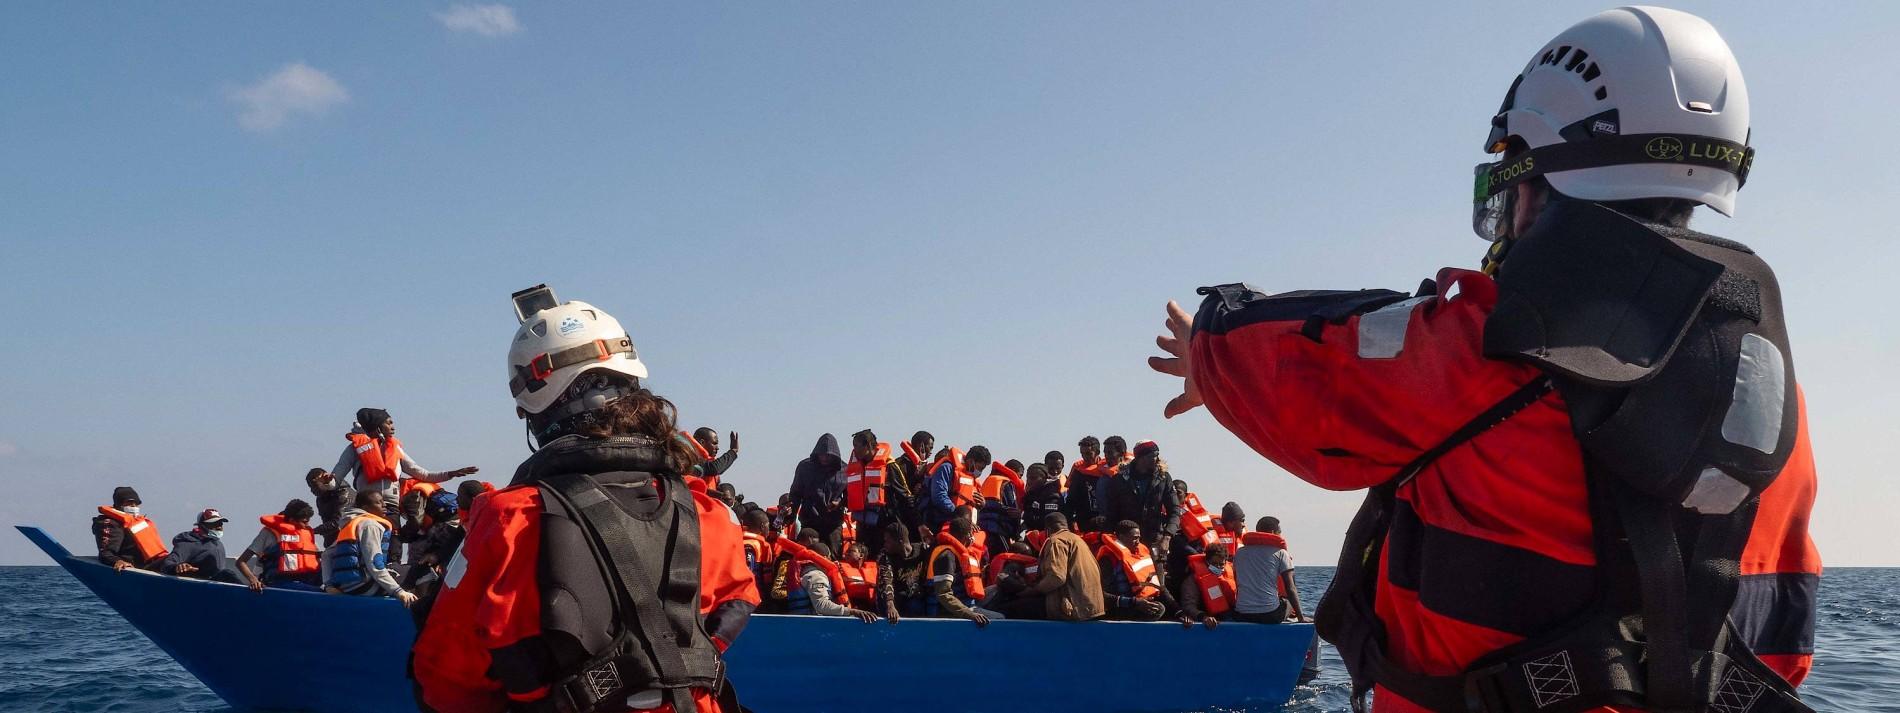 Von Migration reduzieren bis Abschiebungen stoppen